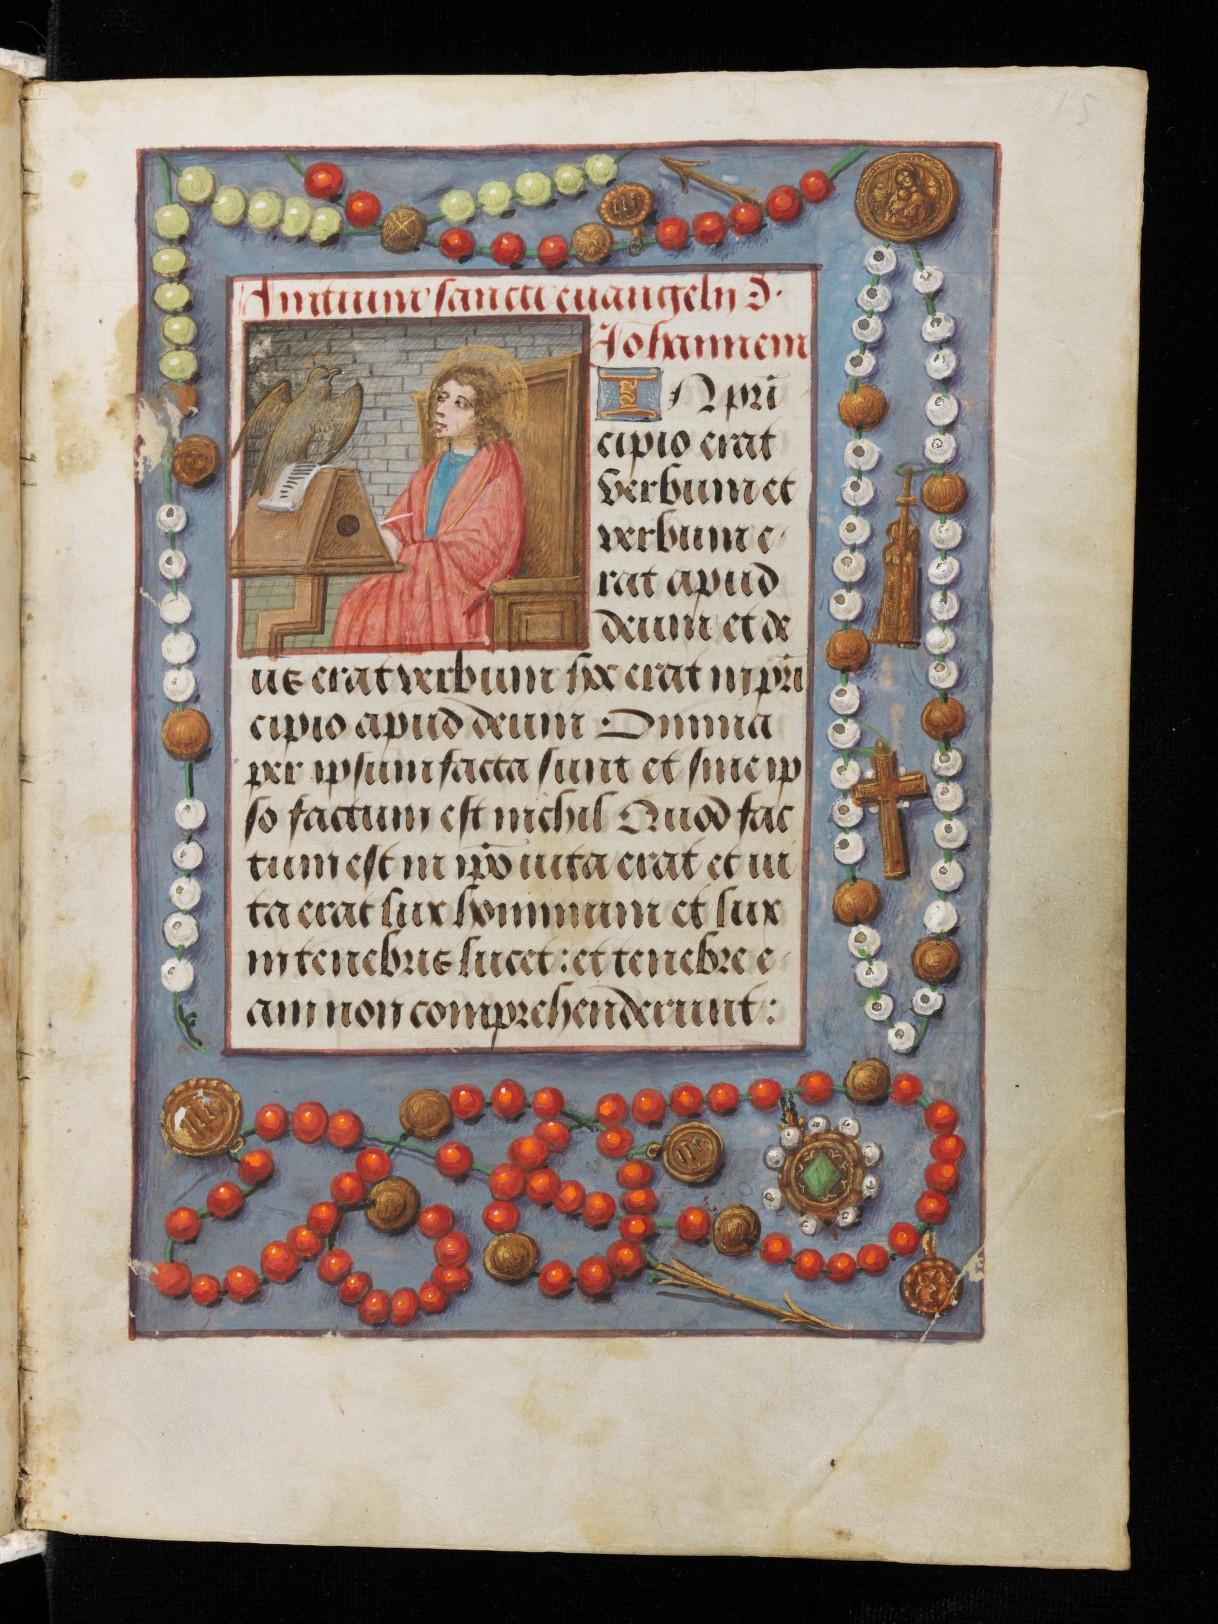 1500 ca Neuchatel AF A28 fol 15r e-codices